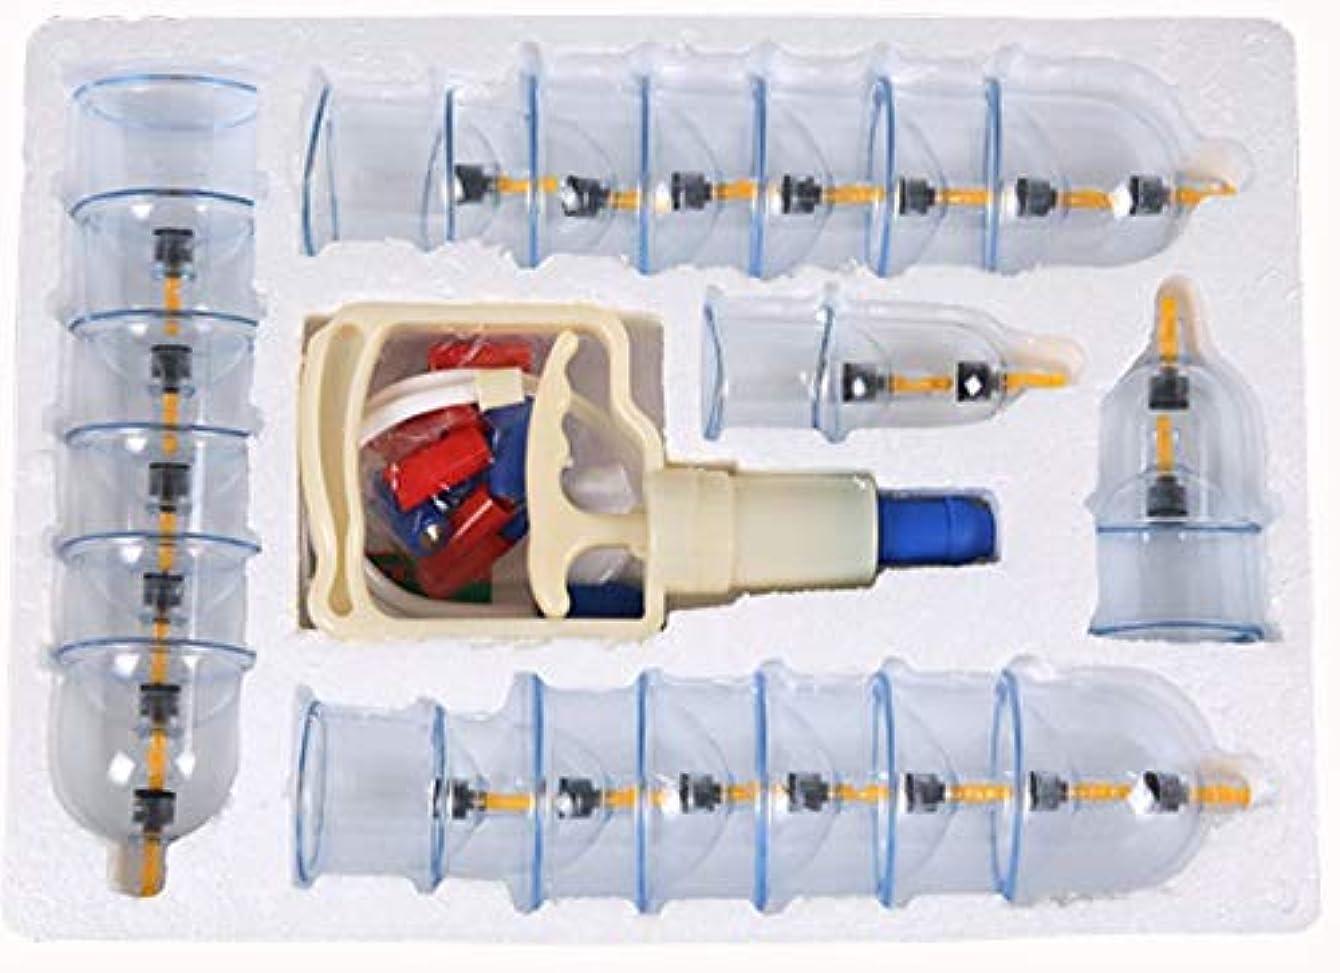 実行可能援助フェザー(ラフマトーン) カッピング 吸い玉 大きいカップが多い 吸い玉 5種 24個セット 磁針 12個 関節用カップ付 自宅エステ